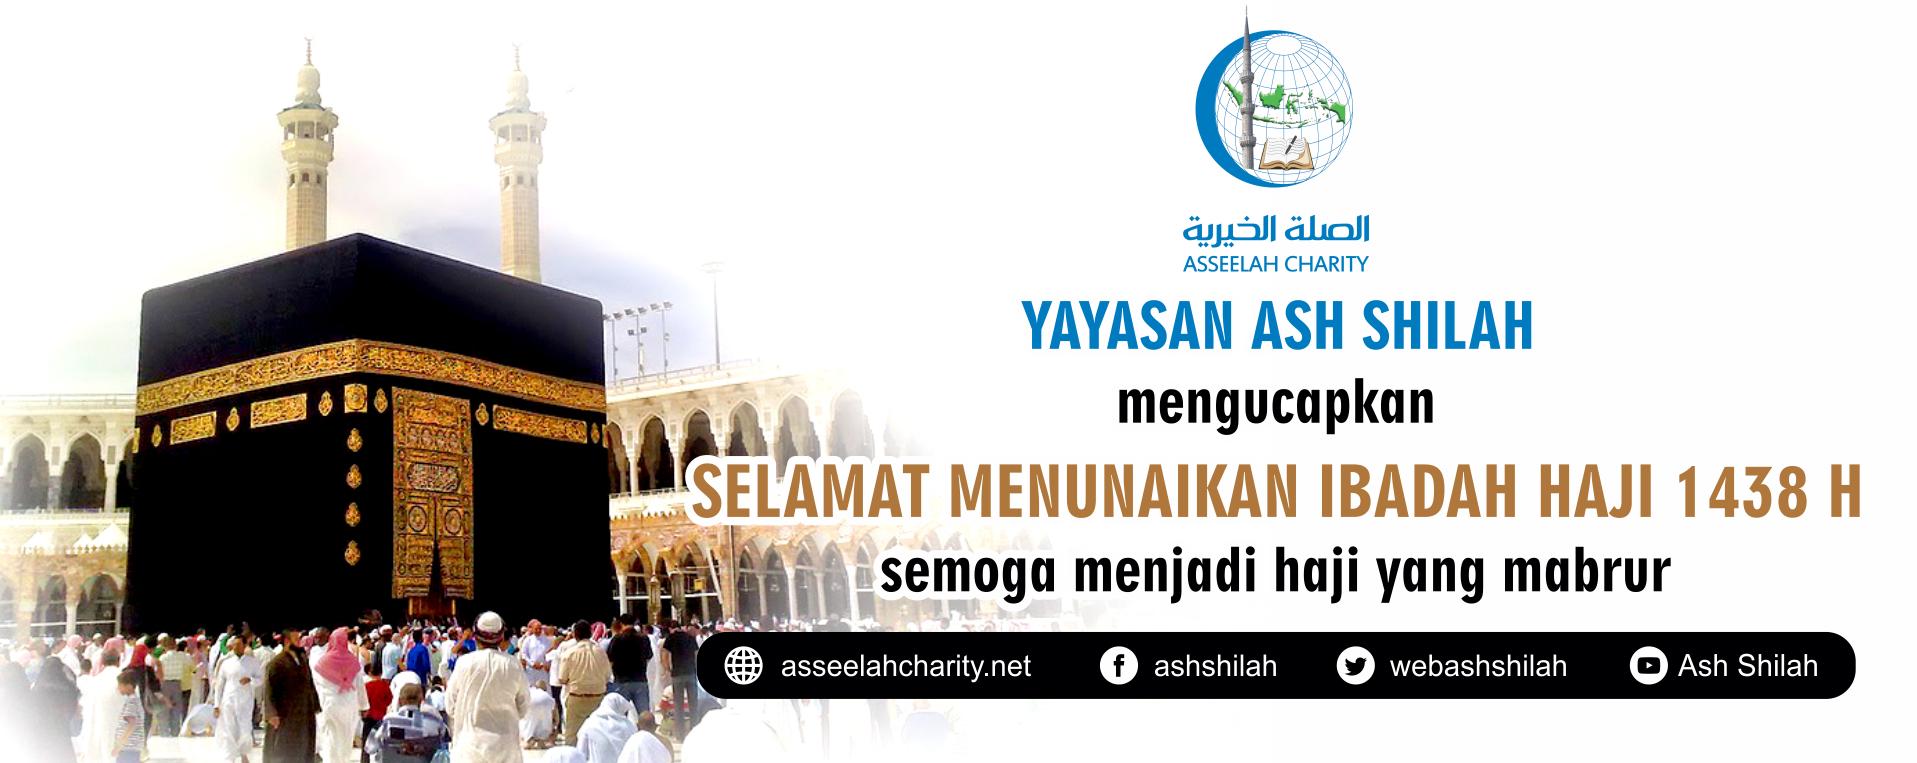 Selamat Haji 1438 H